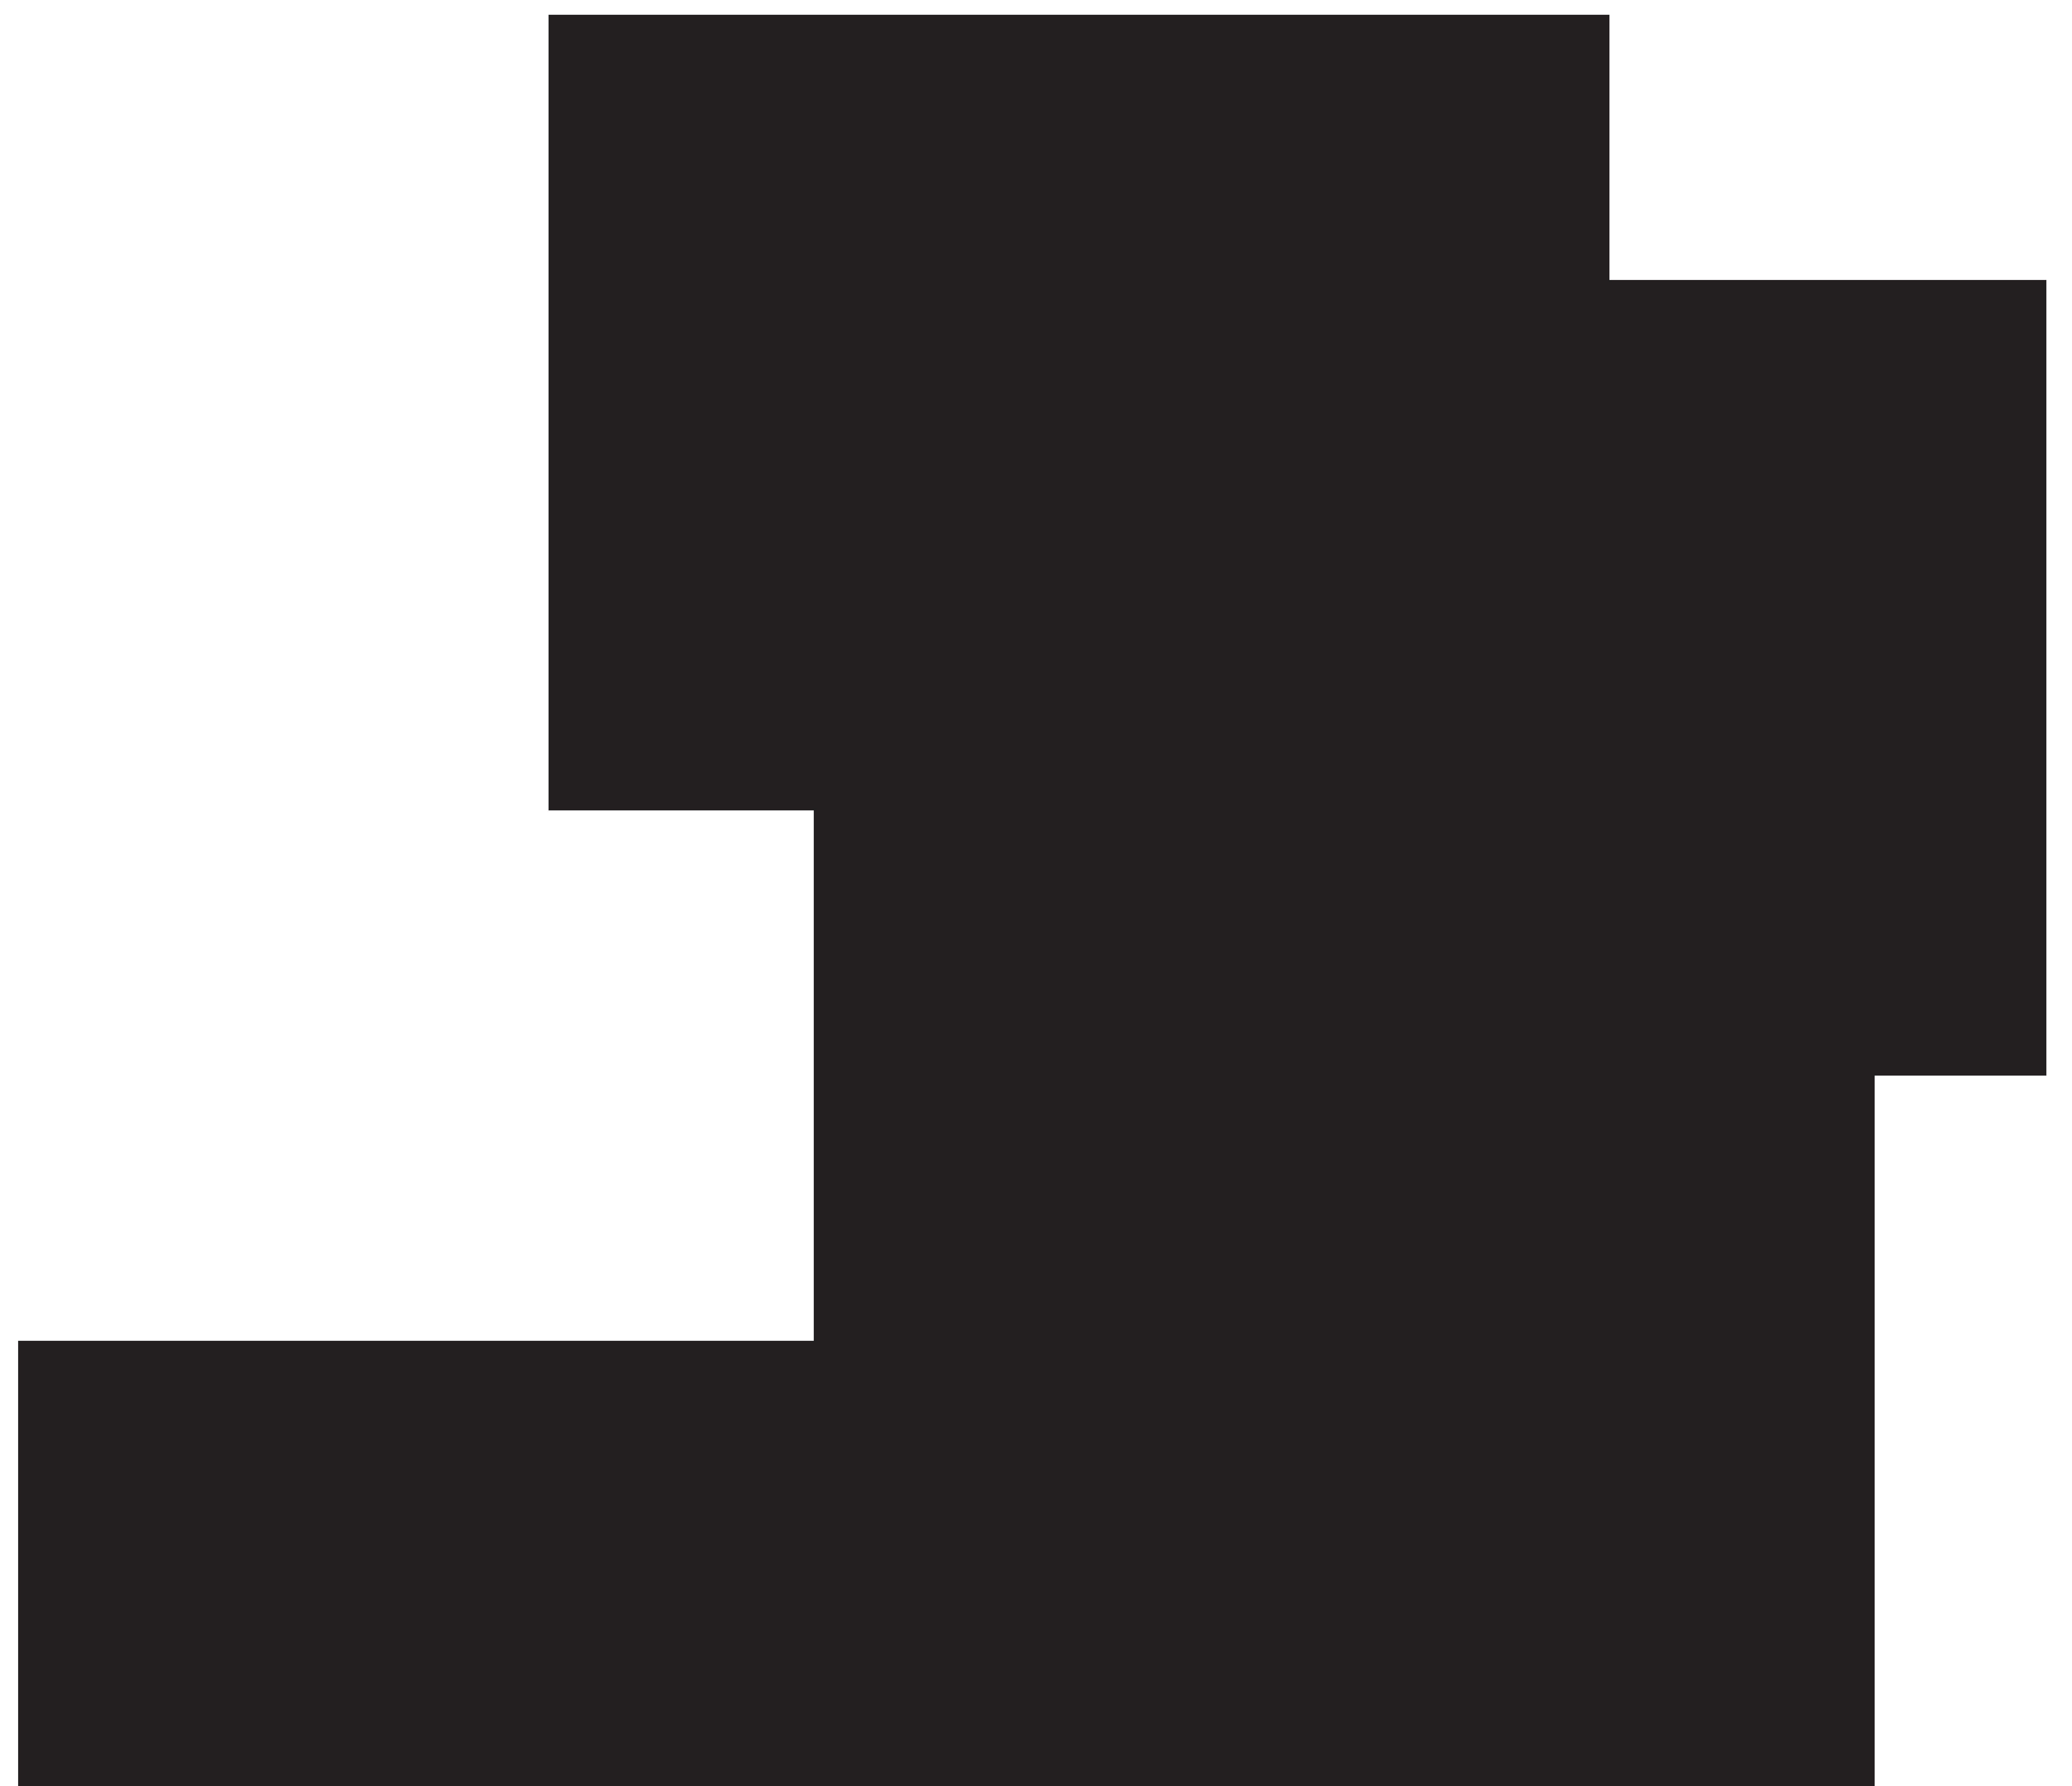 Silhouette Arecaceae Clip art.